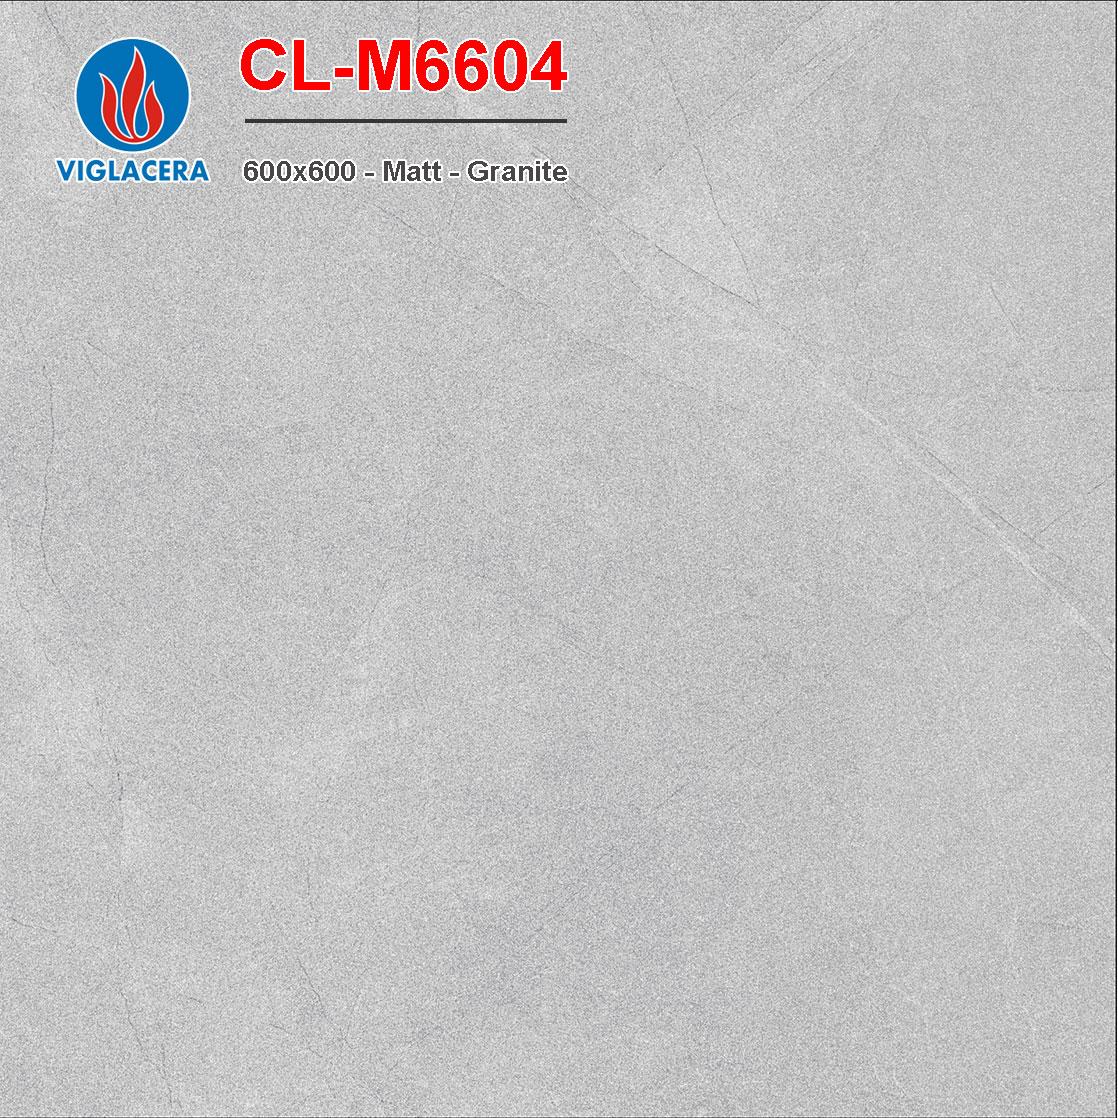 Gạch granite 600x600 Viglacera CL M6604 giá rẻ